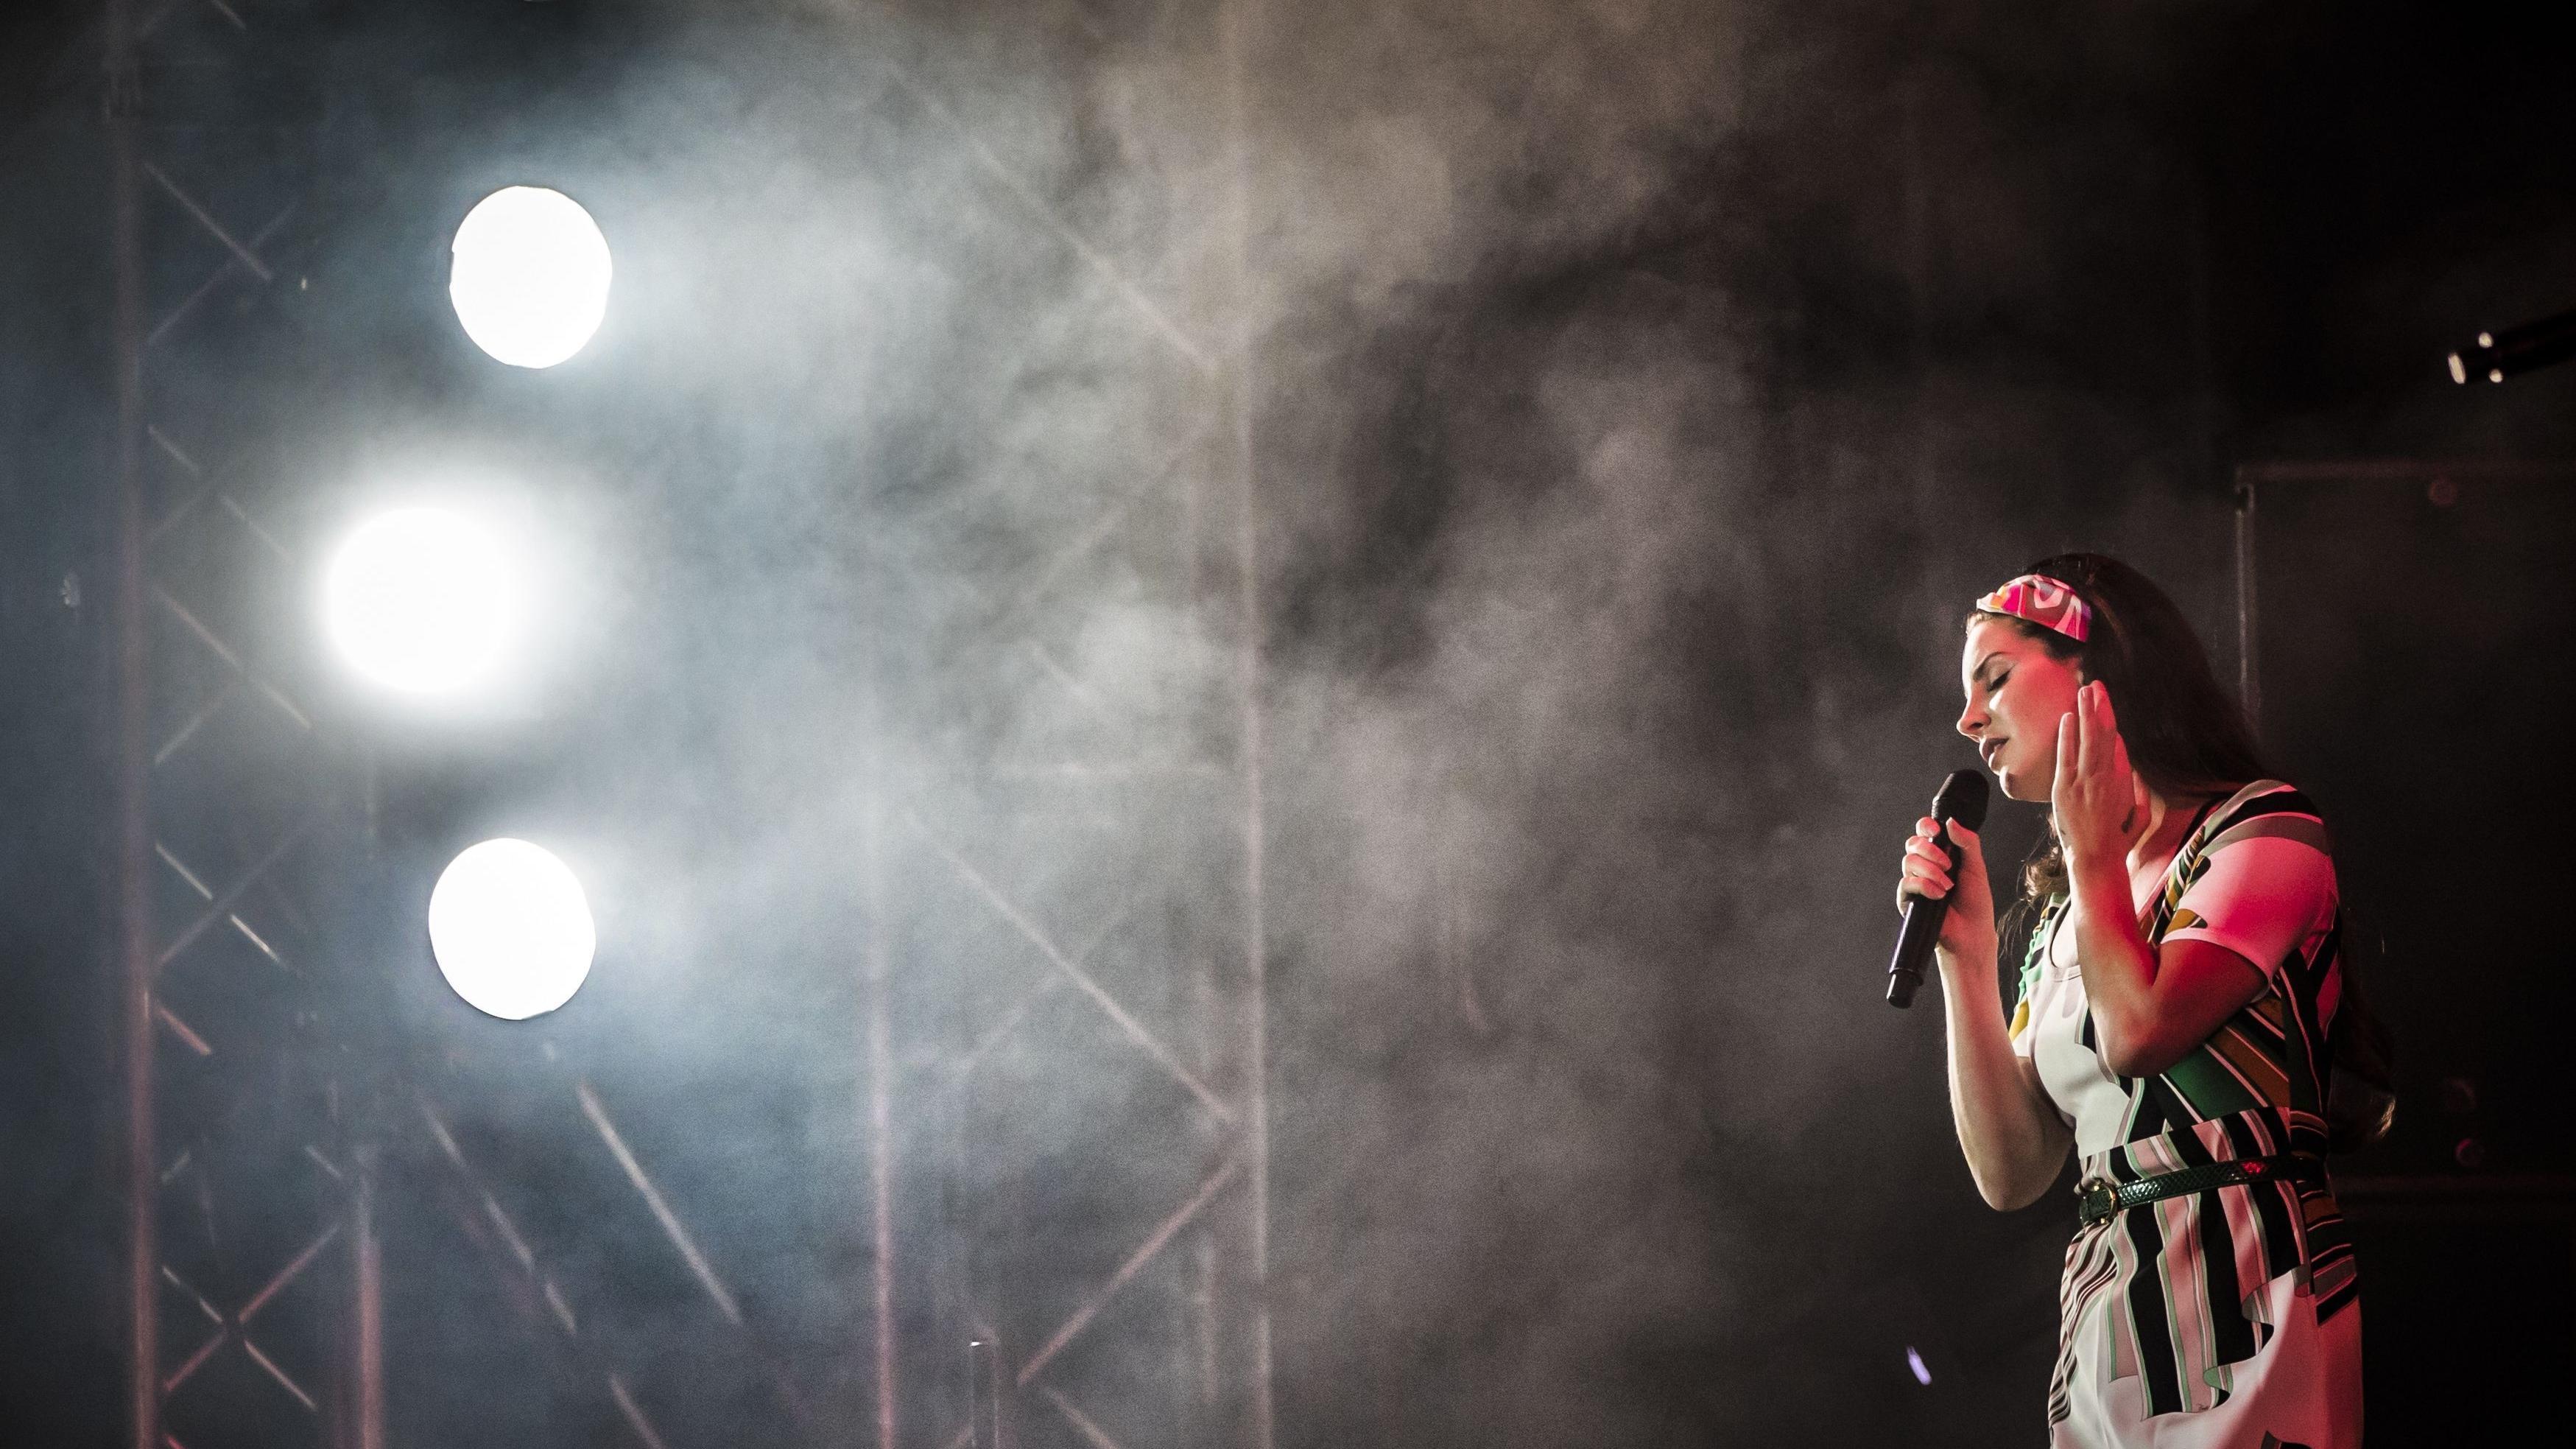 Lana Del Rey im Licht von drei Scheinwerfern bei einem Auftritt in Burton Constable Hall in Yorkshire